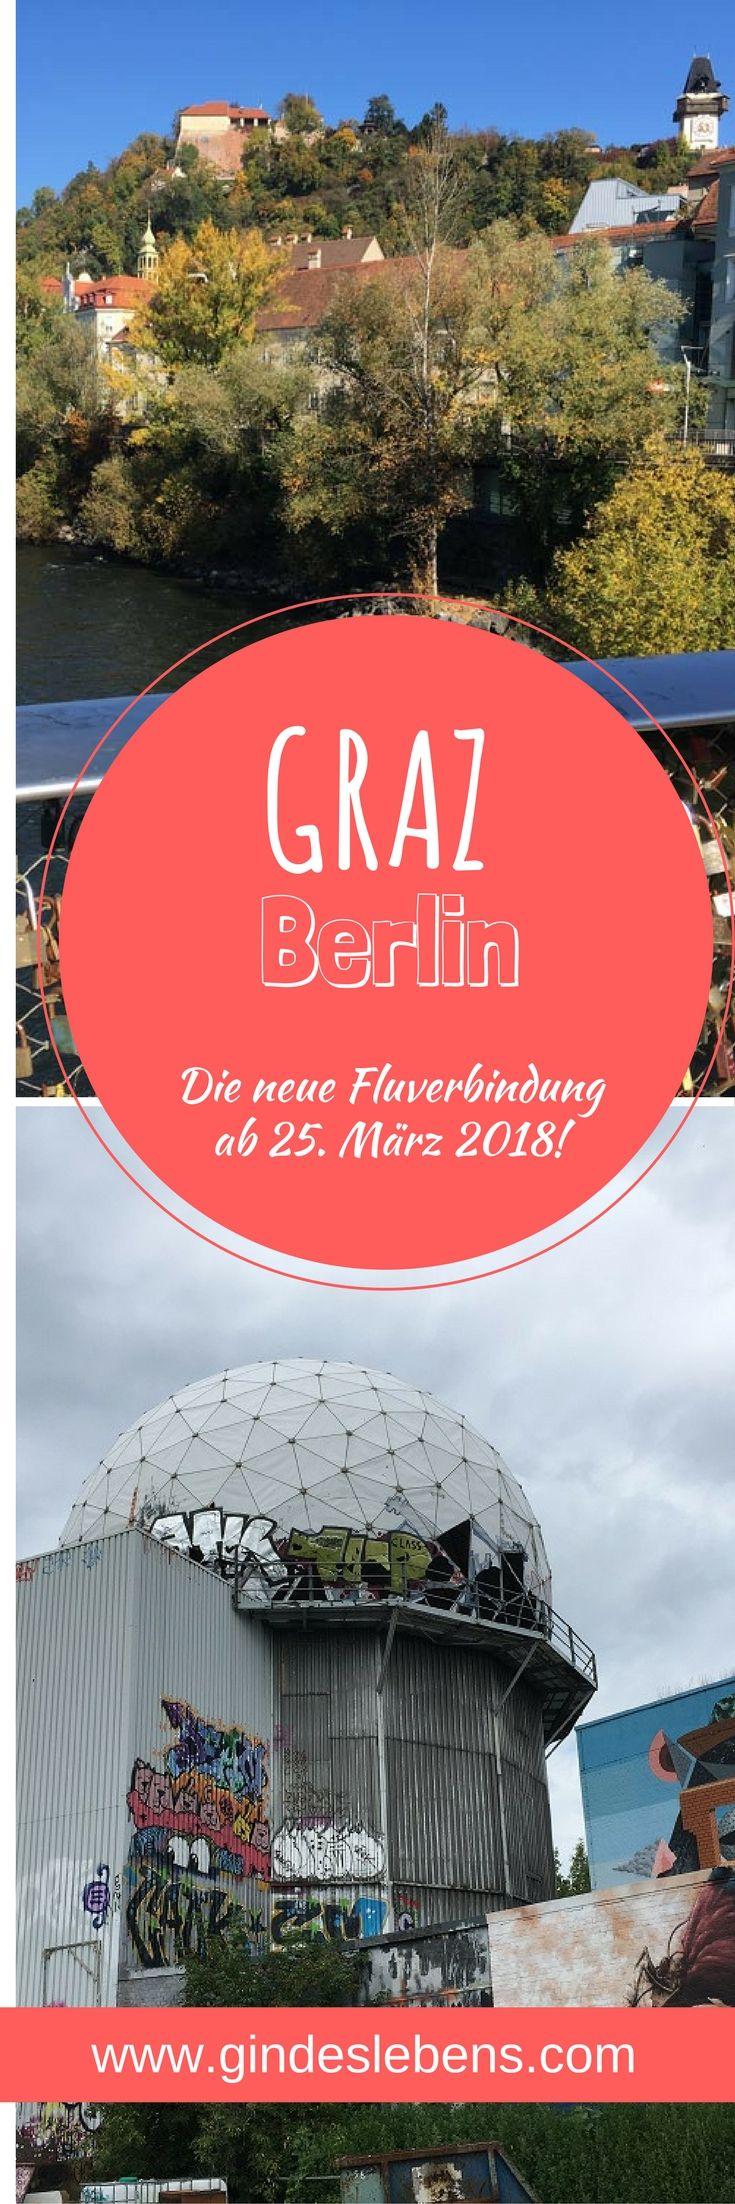 Graz Berlin die neue Flugverbindung ab 25. März 2018! Im Juni letzten Jahres saß der Schock bei Vielreisenden und Geschäftsleuten tief, als die bereits damals angeschlagene Fluglinie AirBerlin den sehr gut frequentierten Direktflug von Graz nach Berlin eingestellt hat. Ab 25. März 2018 gibt es eine neue Verbindung. Wir verraten euch was der Graz-Berlin Flug kostet und welche Flugzeiten er hat! #Graz #Berlin #Flug www.gindeslebens.com